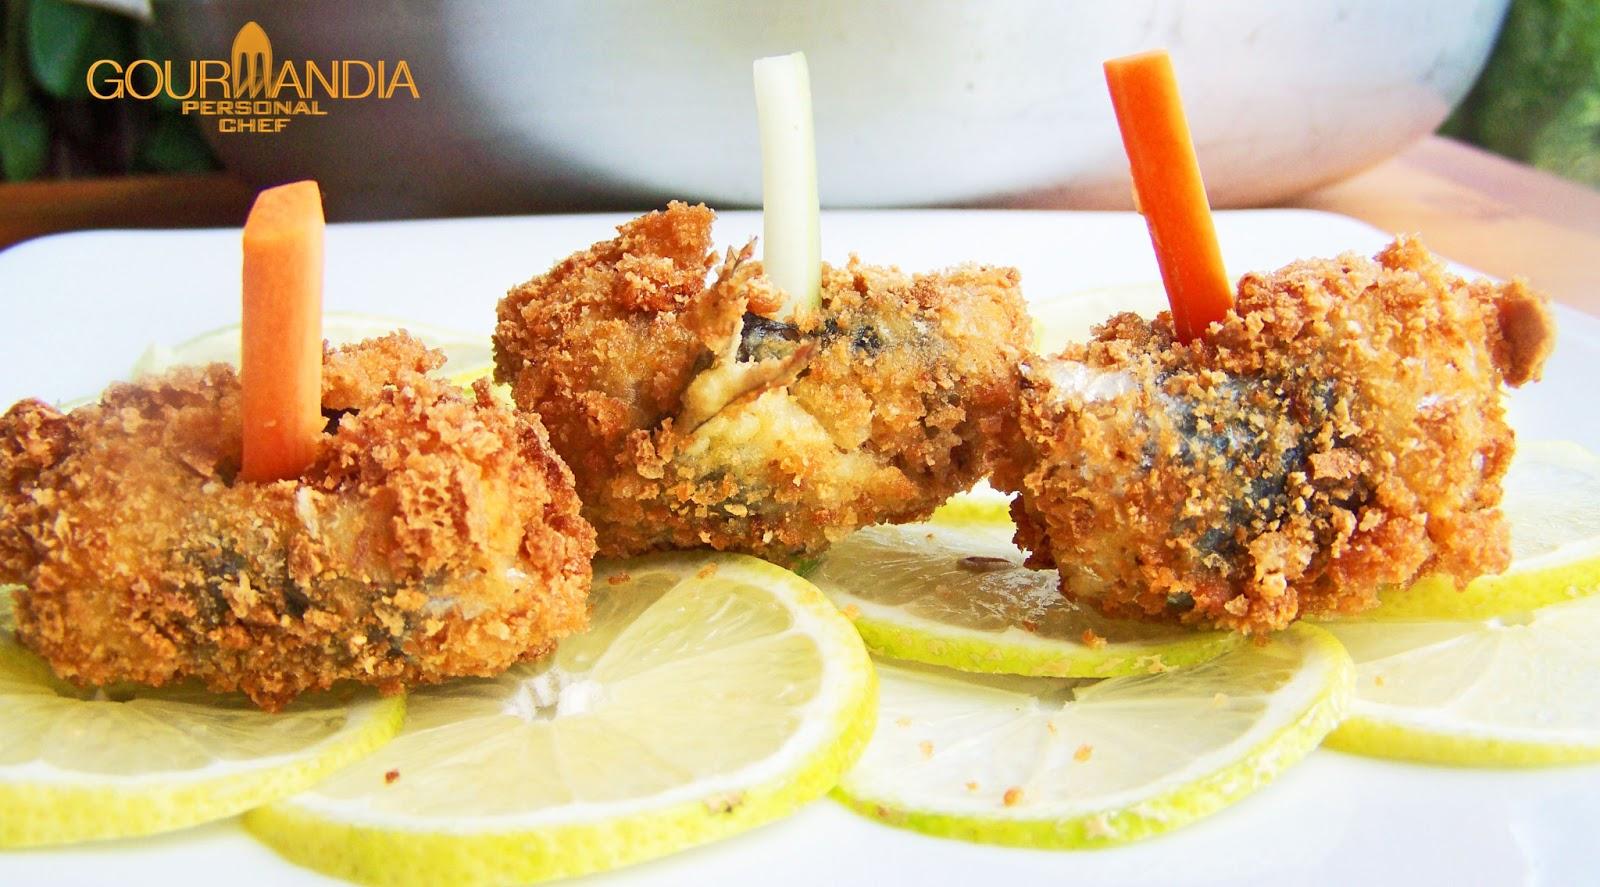 Cucina Di Base Secondi Piatti: Sarde A Beccafico. Gourmandia #BD410E 1600 887 I Migliori Piatti Della Cucina Napoletana